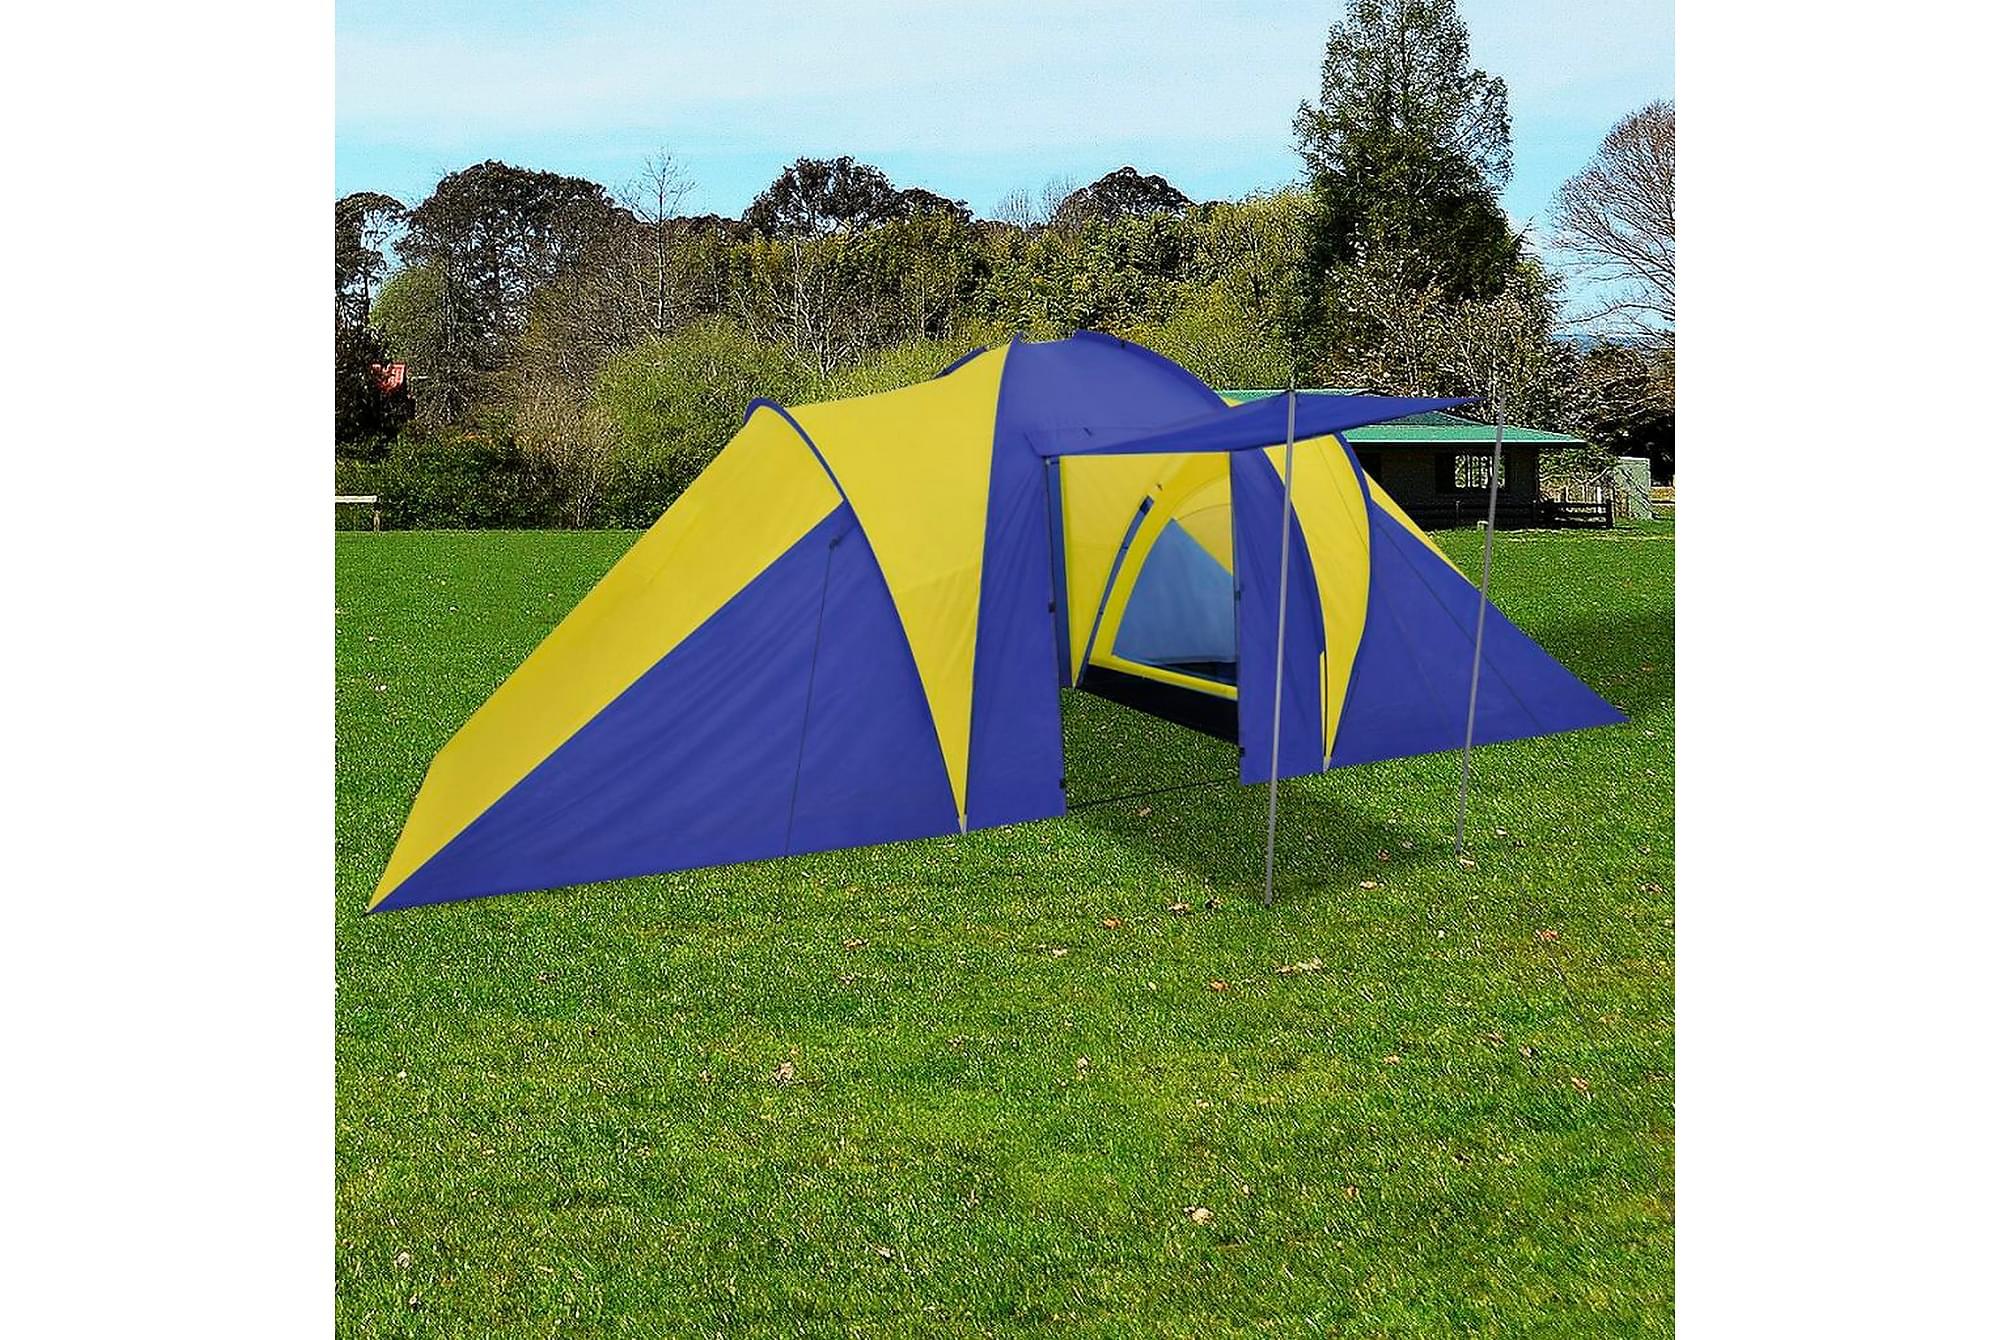 Campingtält 6 personer 580x240x200cm marinblå/gul, Partytält